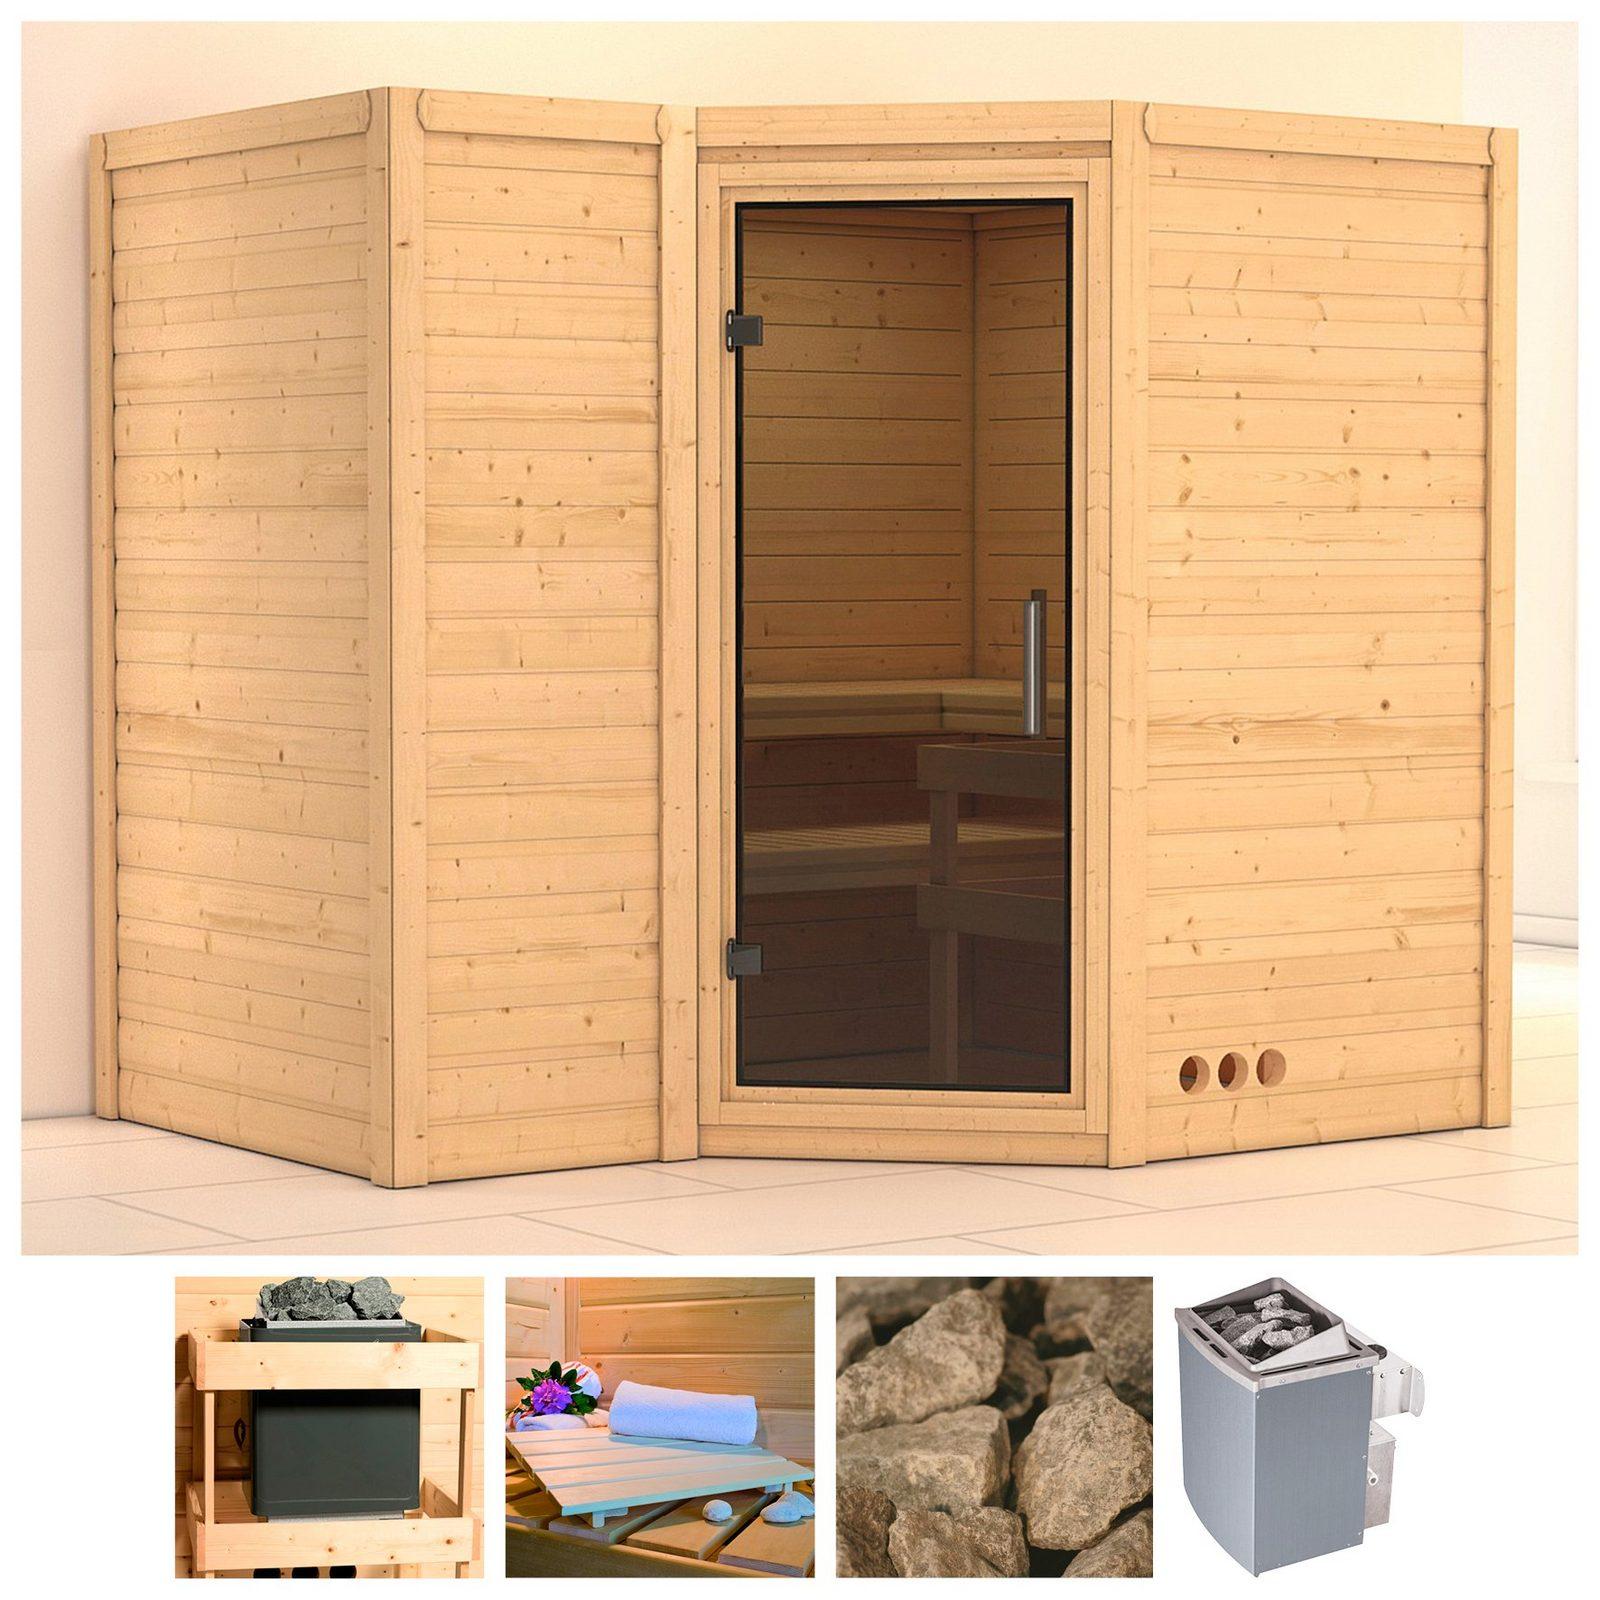 KONIFERA Sauna »Sahib 2«, 236/184/206 cm, 9-kW-Ofen mit int. Steuerung, Glastür grafit - broschei